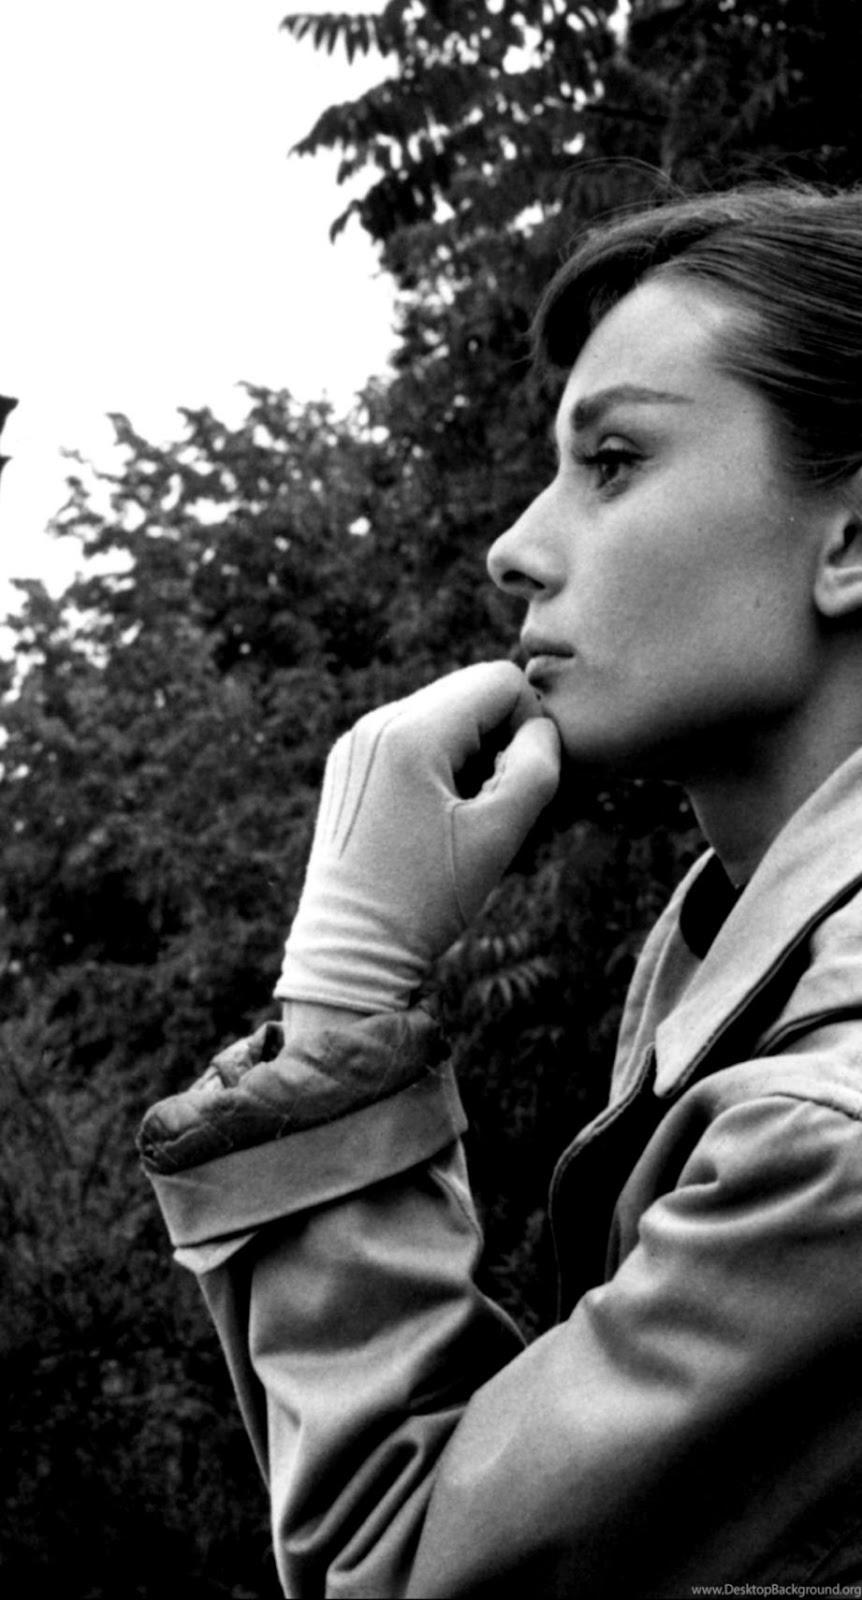 Audrey Hepburn Wallpapers Wallpapers Land